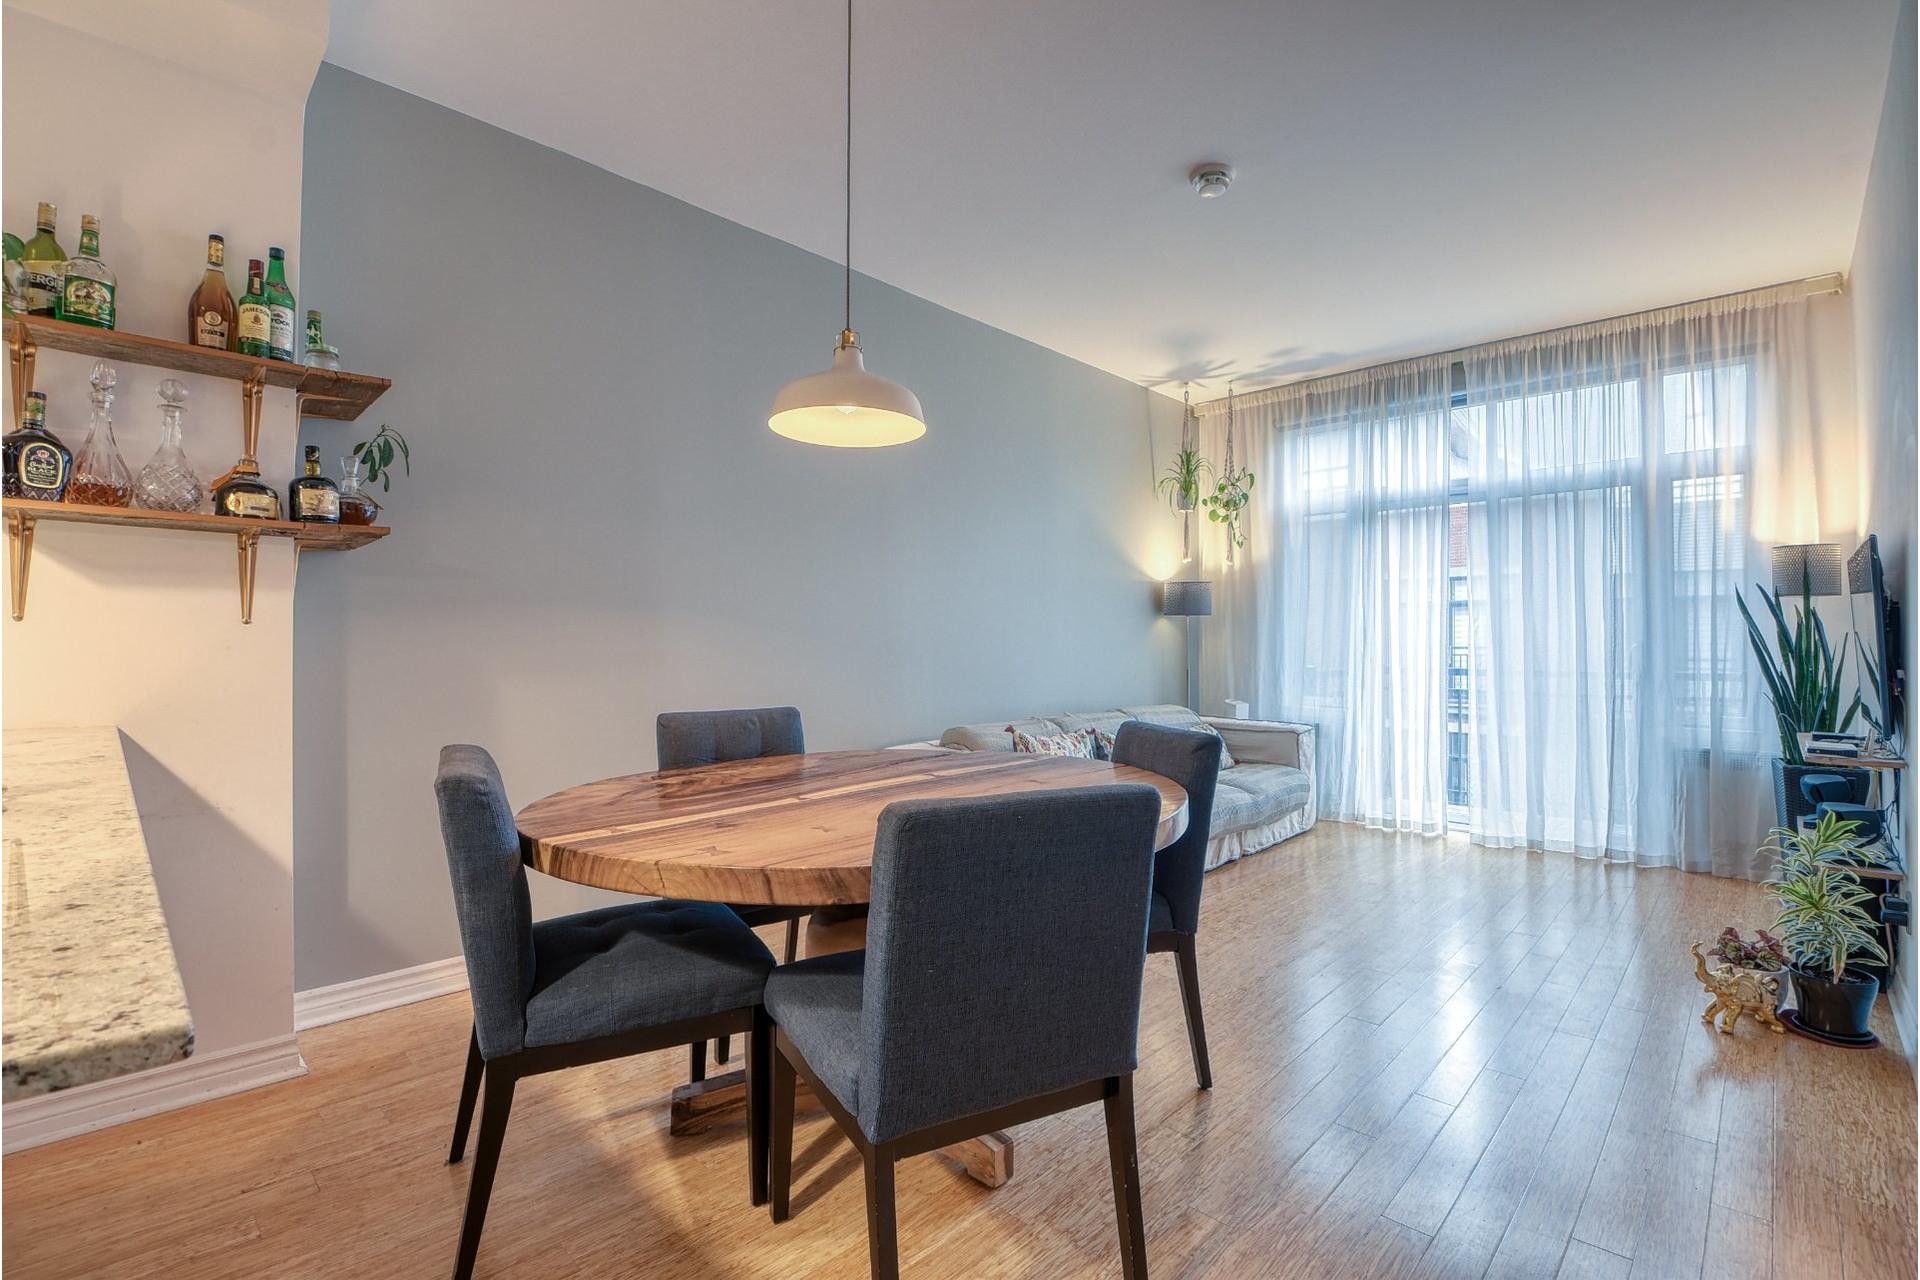 image 6 - Appartement À vendre Lachine Montréal  - 7 pièces